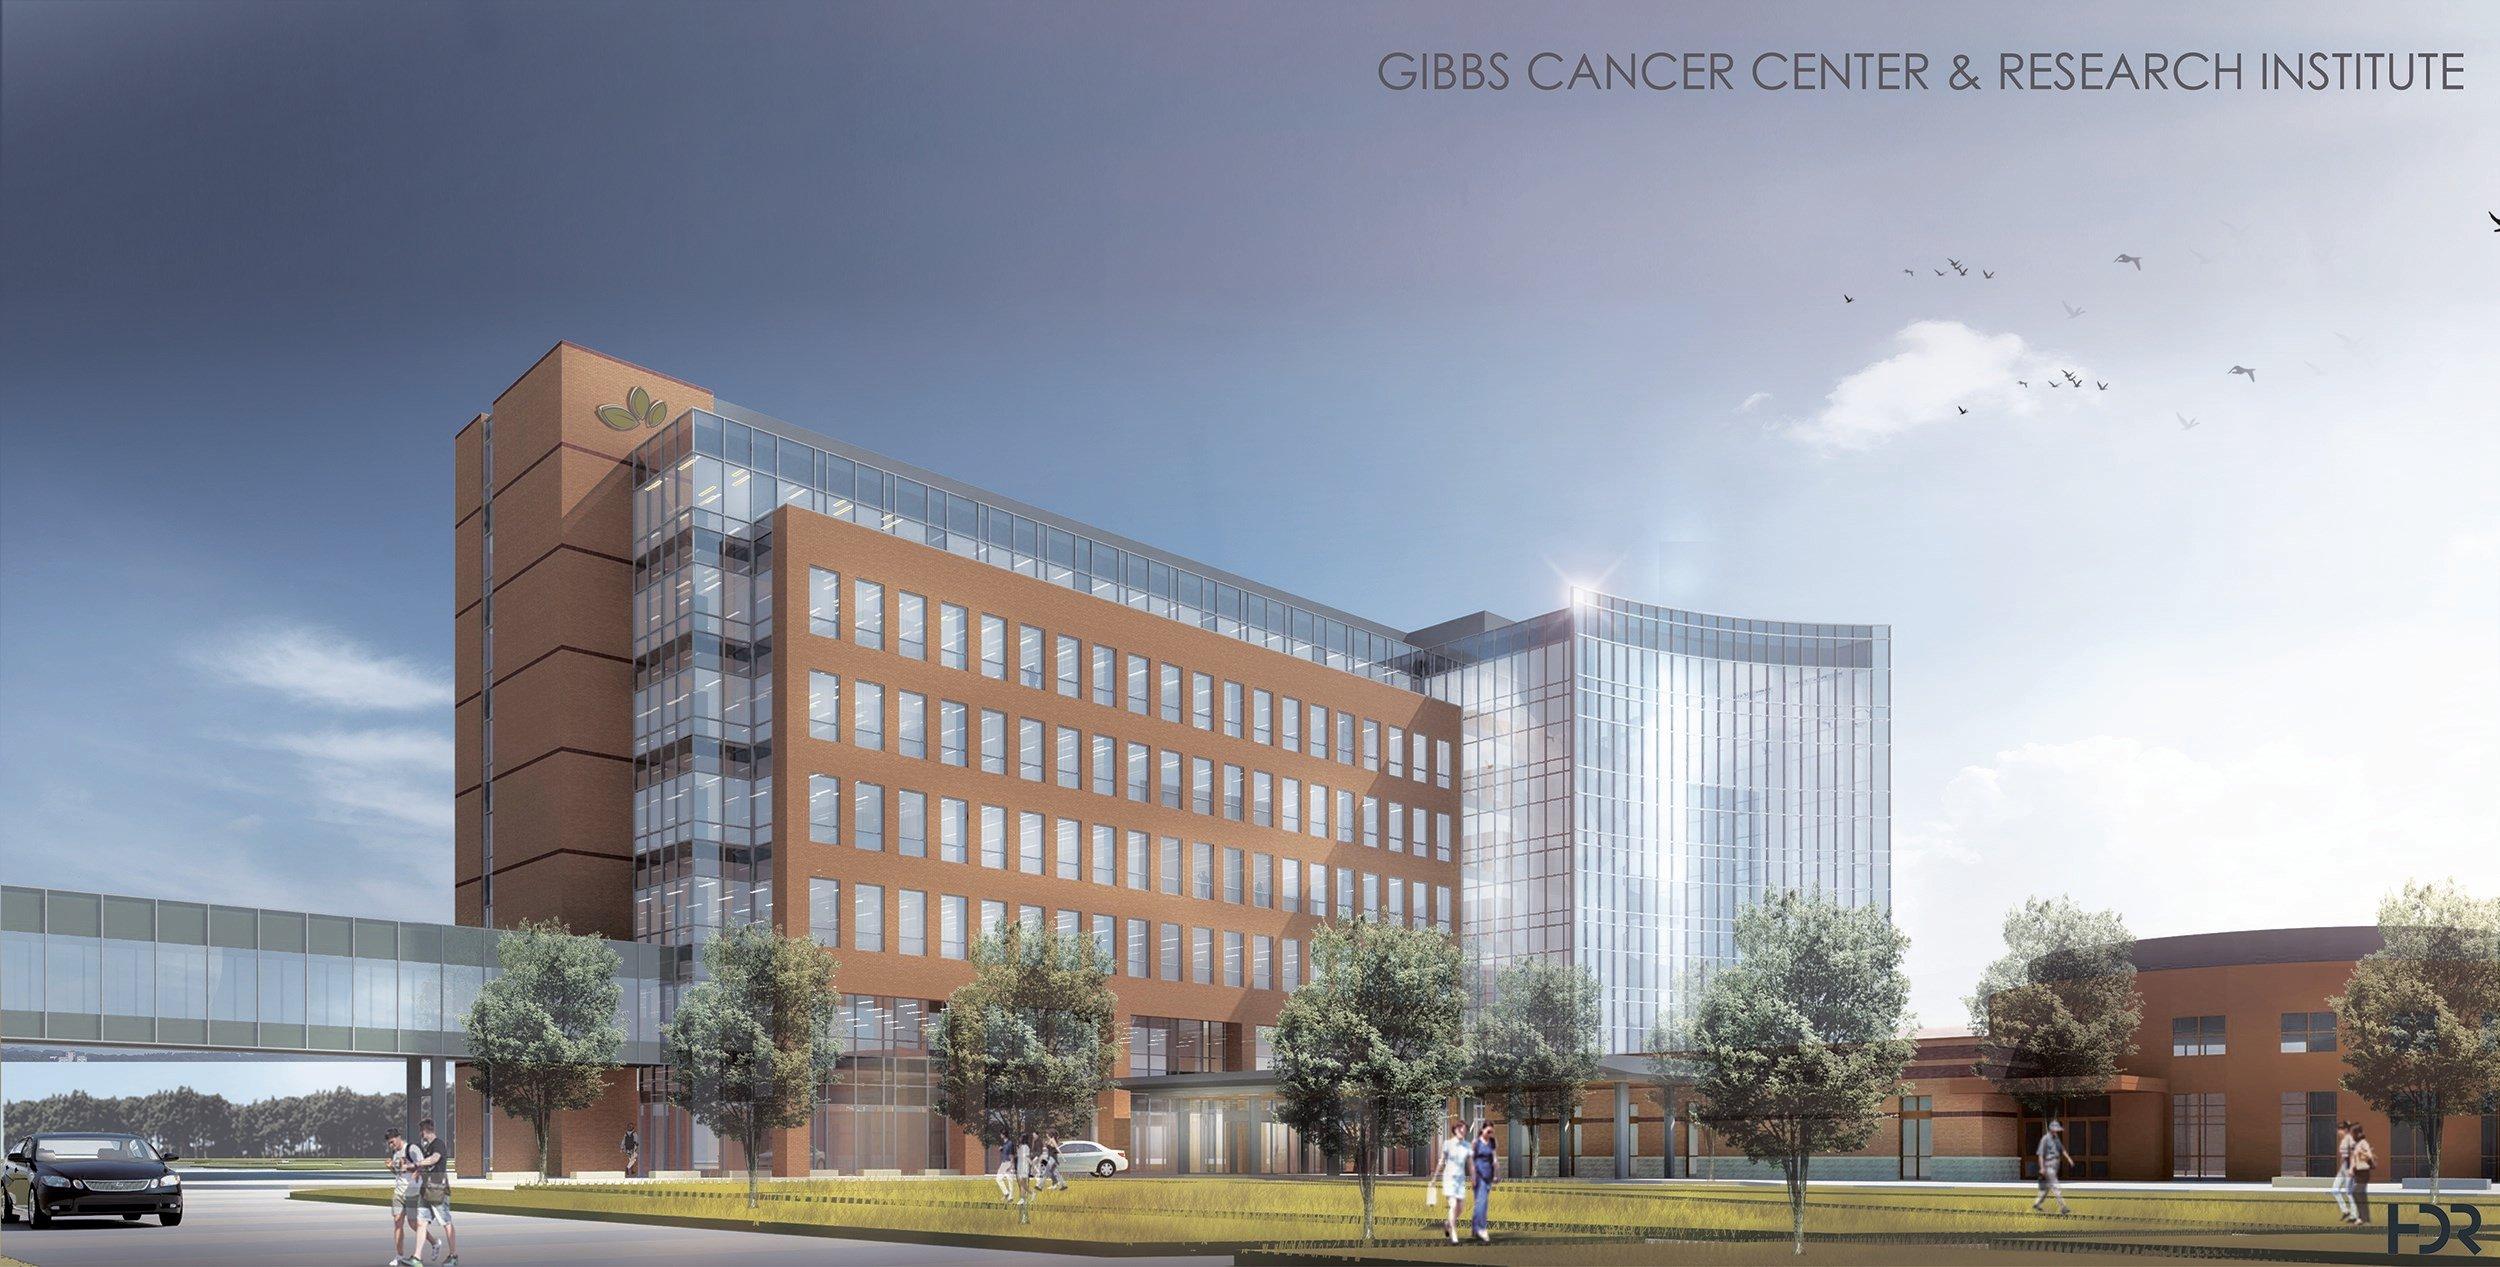 Rendering of new Gibbs at Pelham center. (Source: SRHS)